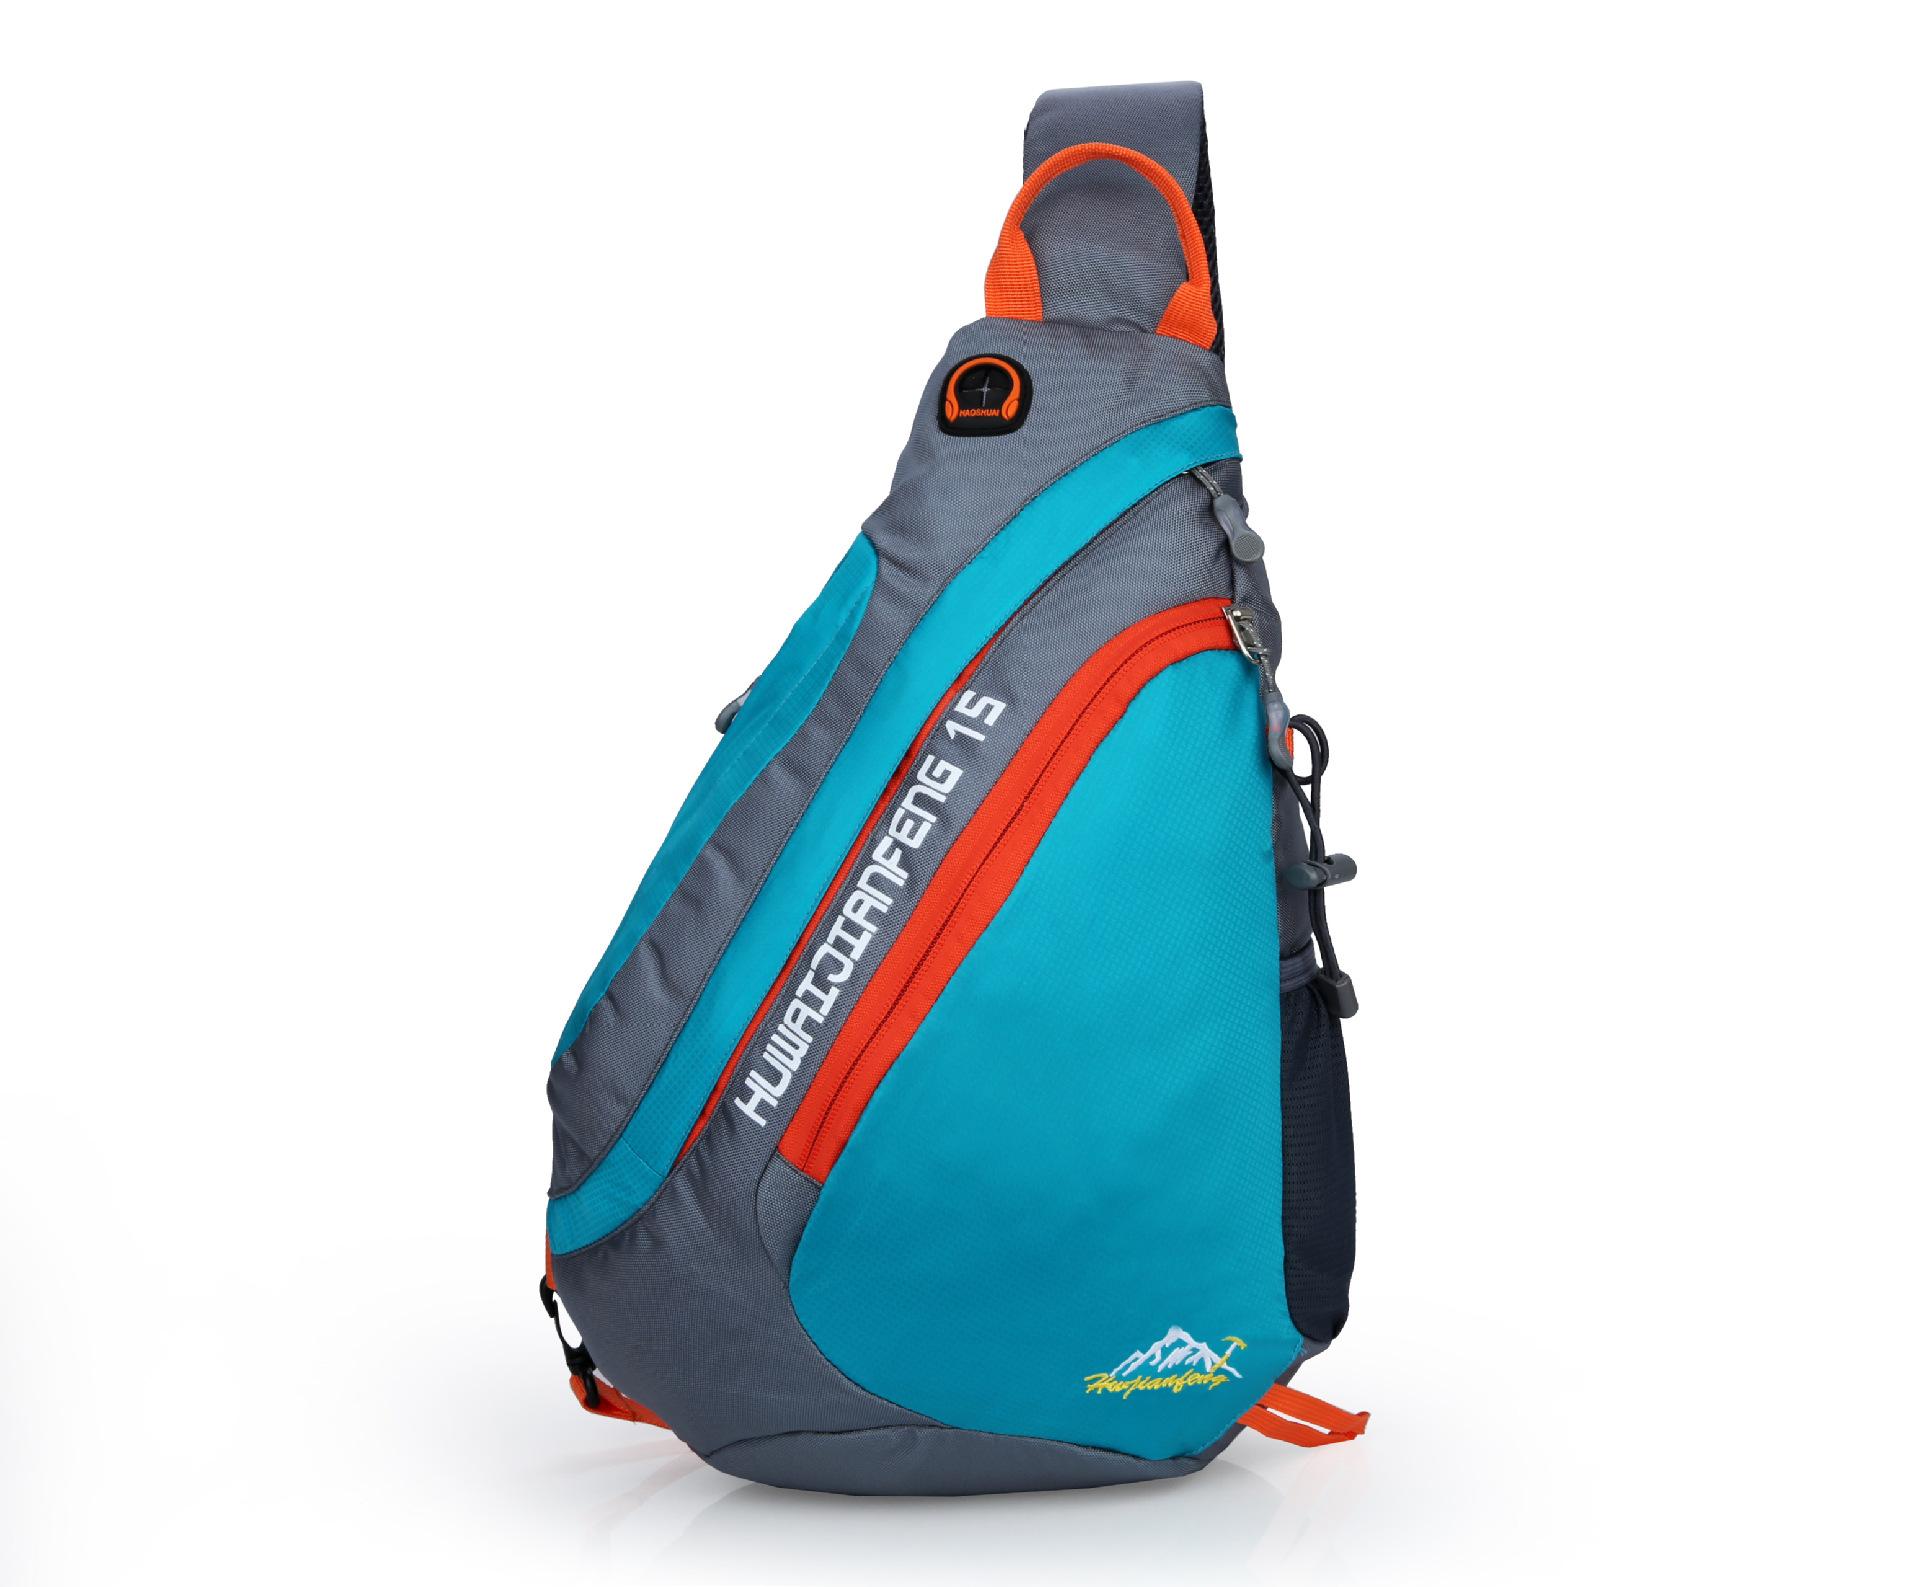 户外运动单肩斜挎胸包男士女士骑行斜挎包超轻登山包爬山背包15L